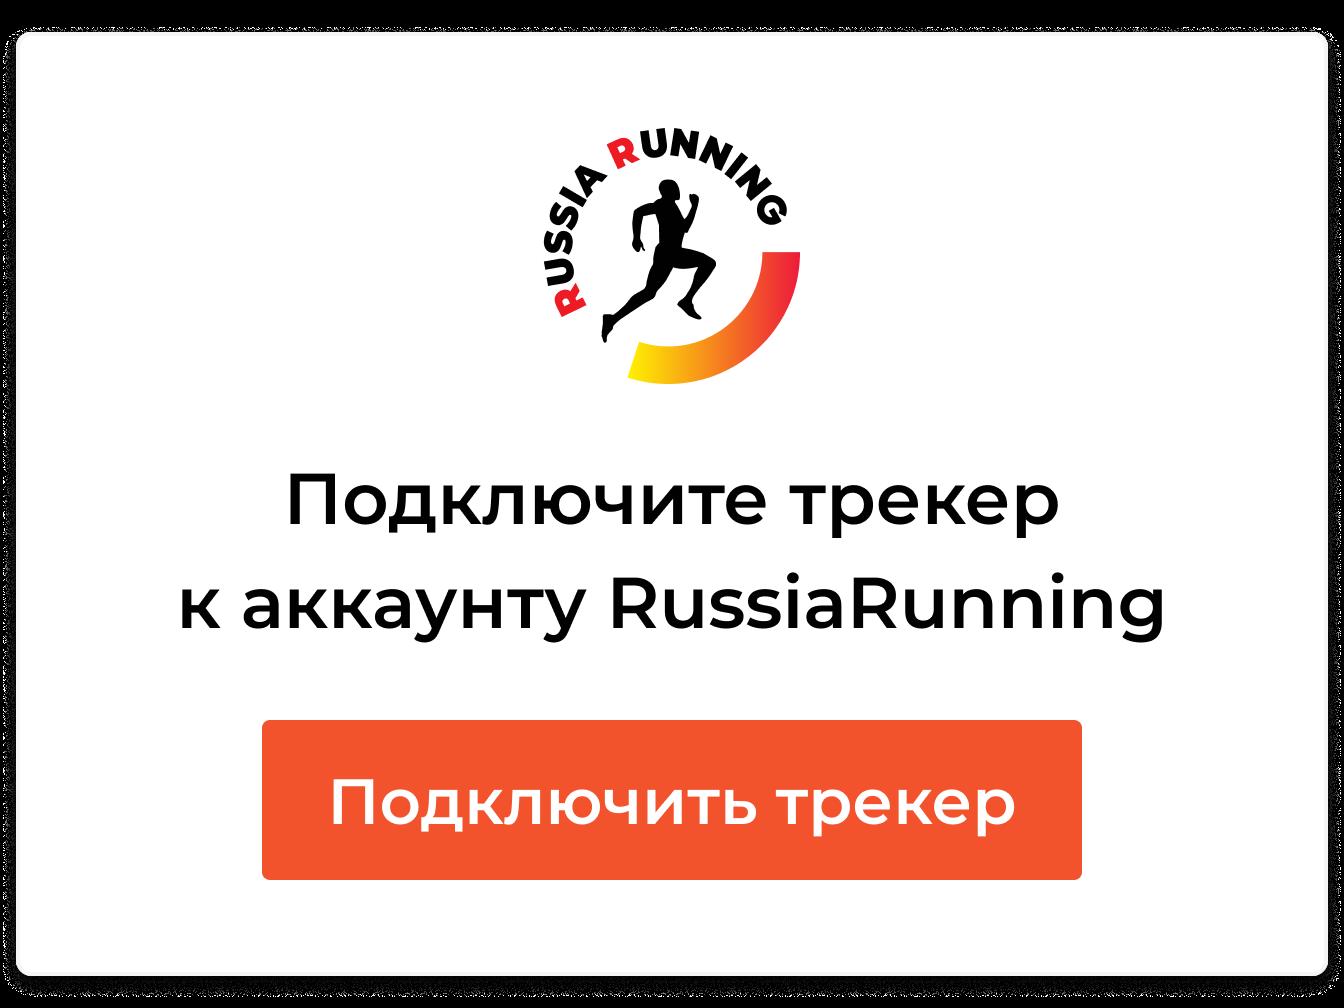 Подключите трекер к аккаунту RussiaRunning